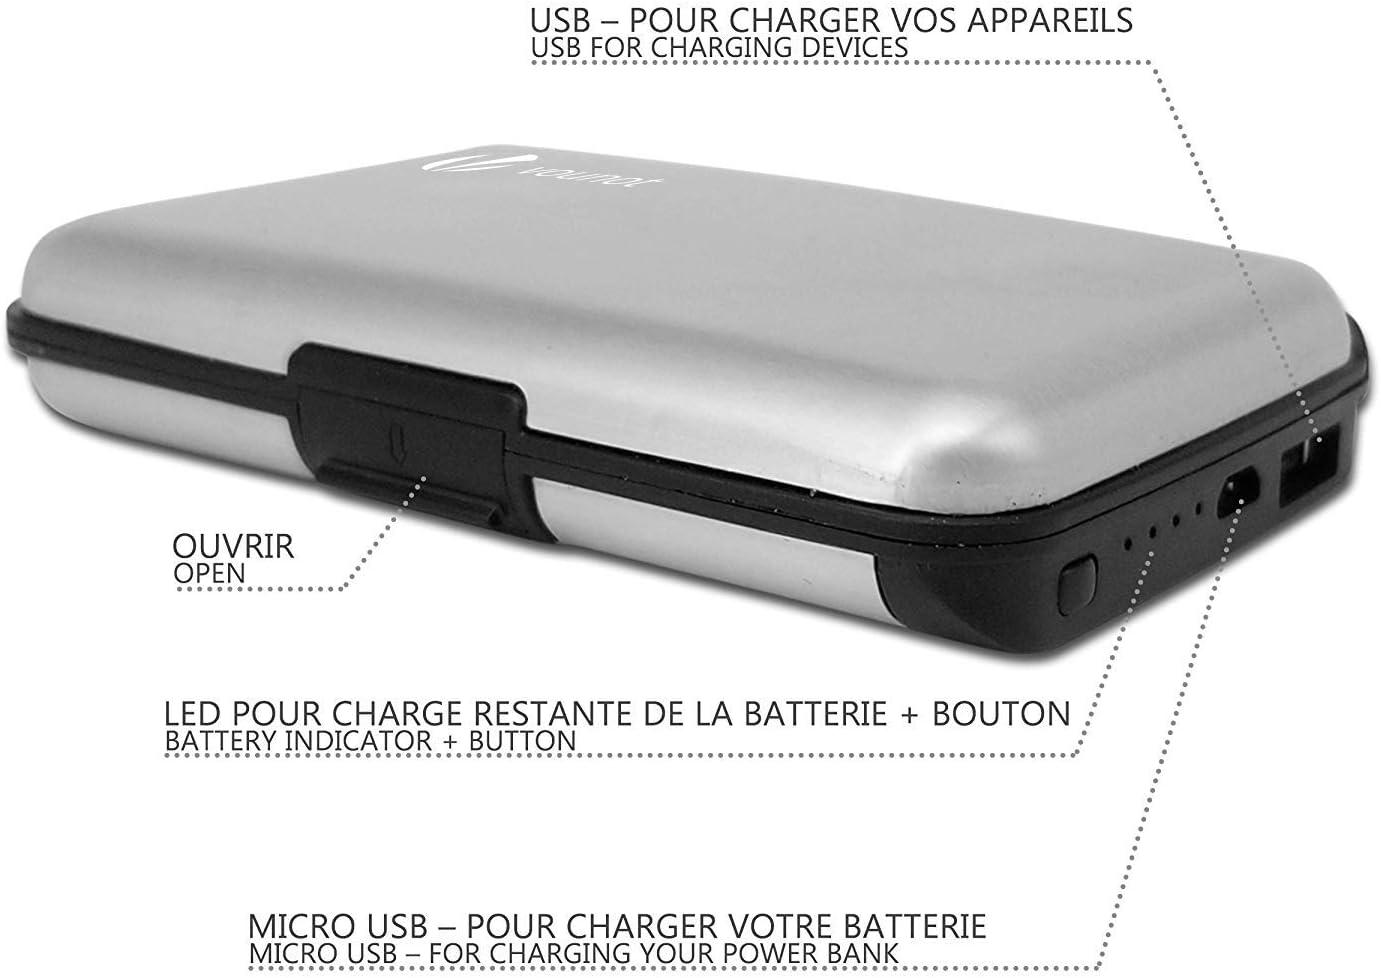 Noir Chargeur Power Bank 2000 mAh |2 en 1 Organisateur de Cartes et Chargeur t/él/éphone Porte Carte Aluminium avec Chargeur Blocage RFID Portefeuille Aluminium avec Chargeur